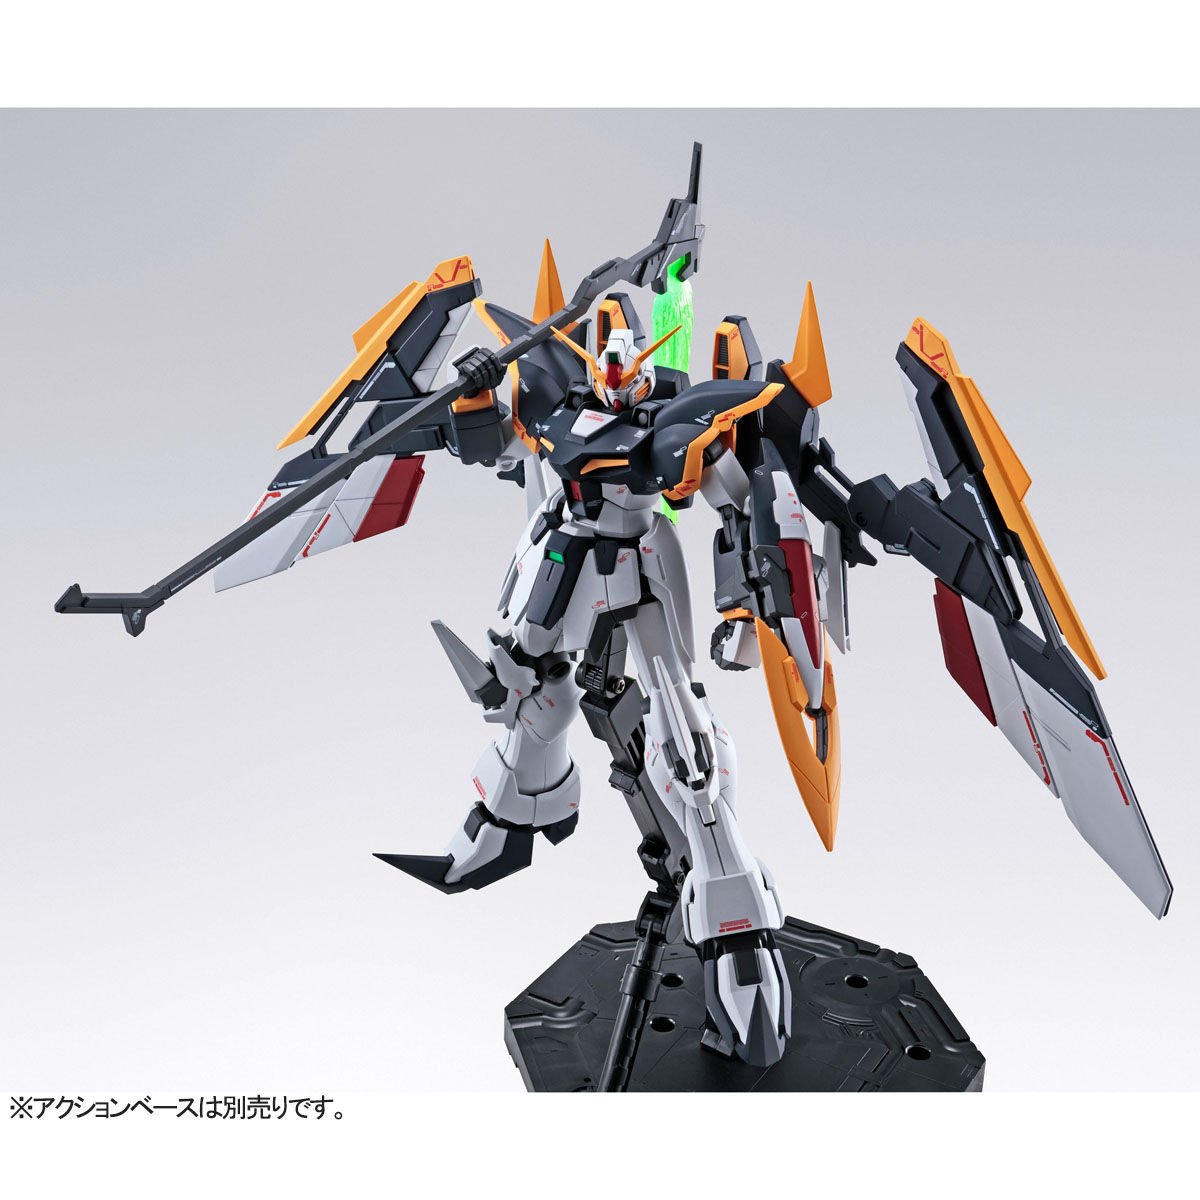 【限定販売】MG 1/100『ガンダムデスサイズ EW(ルーセット装備)』ガンダムW プラモデル-007